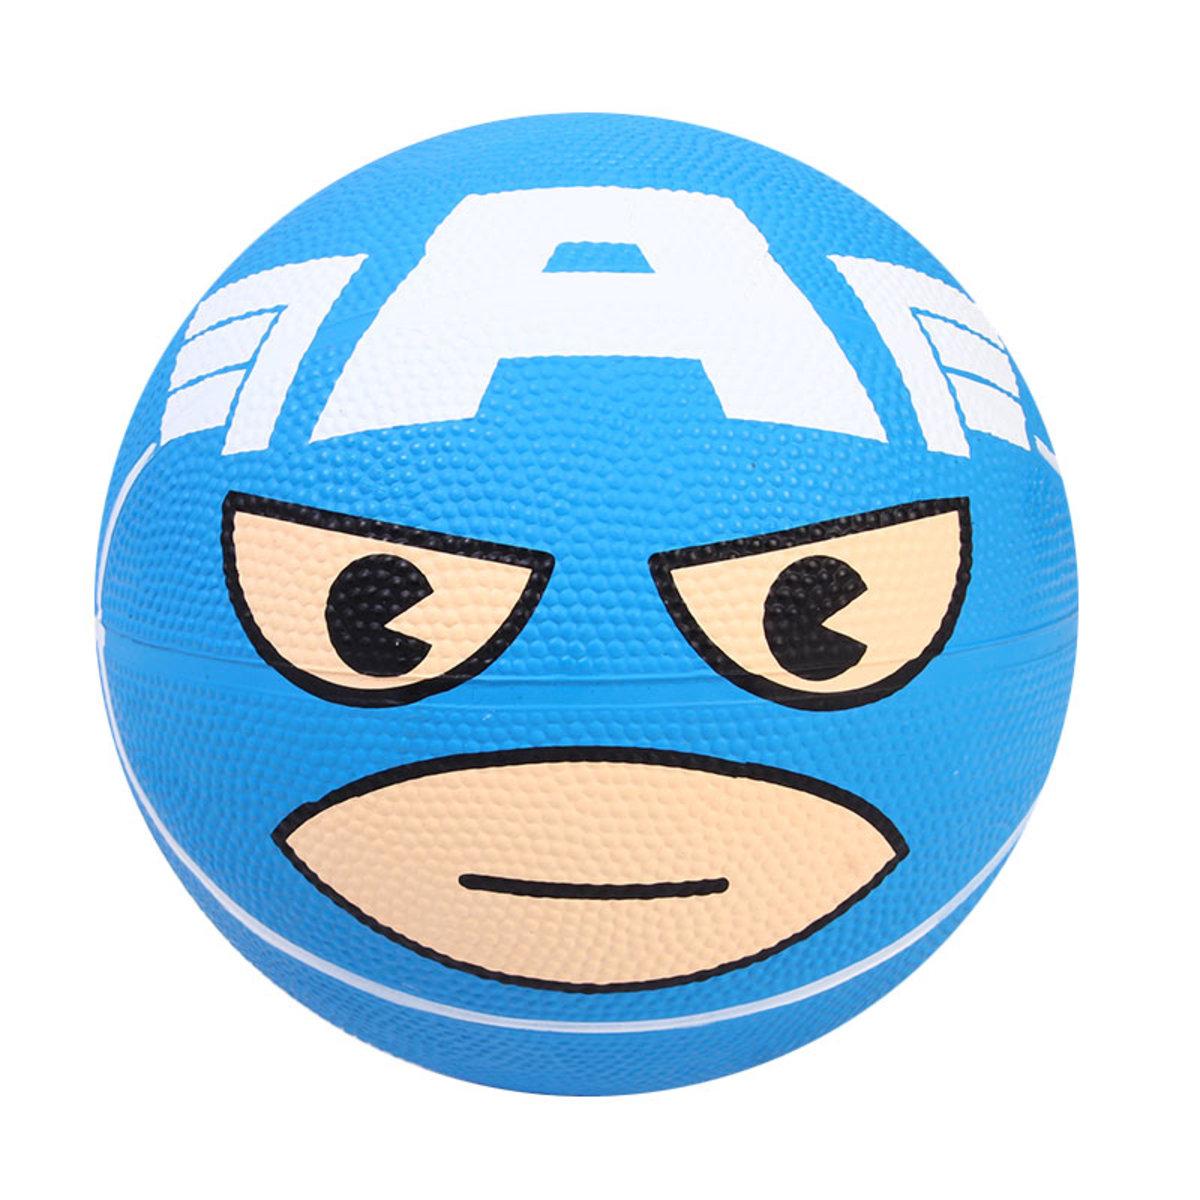 美國隊長籃球   #3 CAPTAIN     藍色--膠籃球 [迪士尼許可產品]